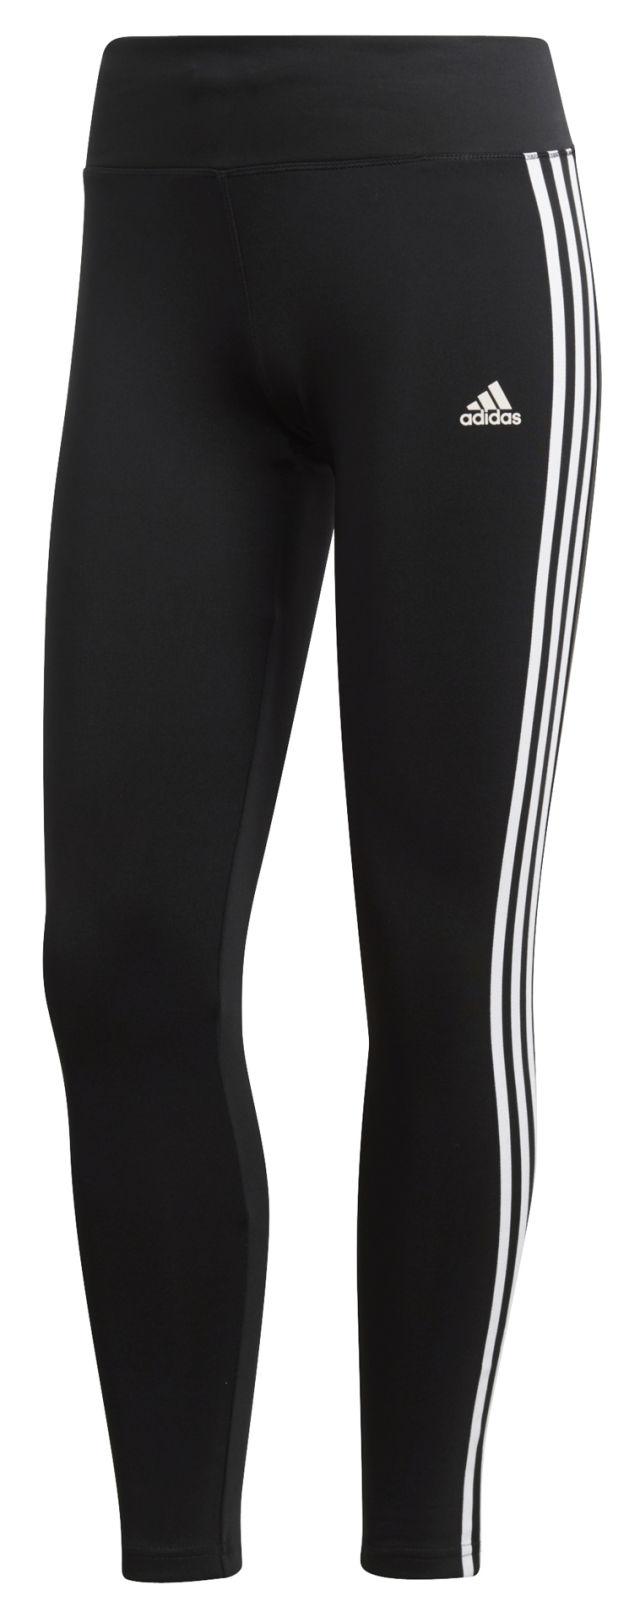 Adidas - vaatteet 5a7fa7fa61